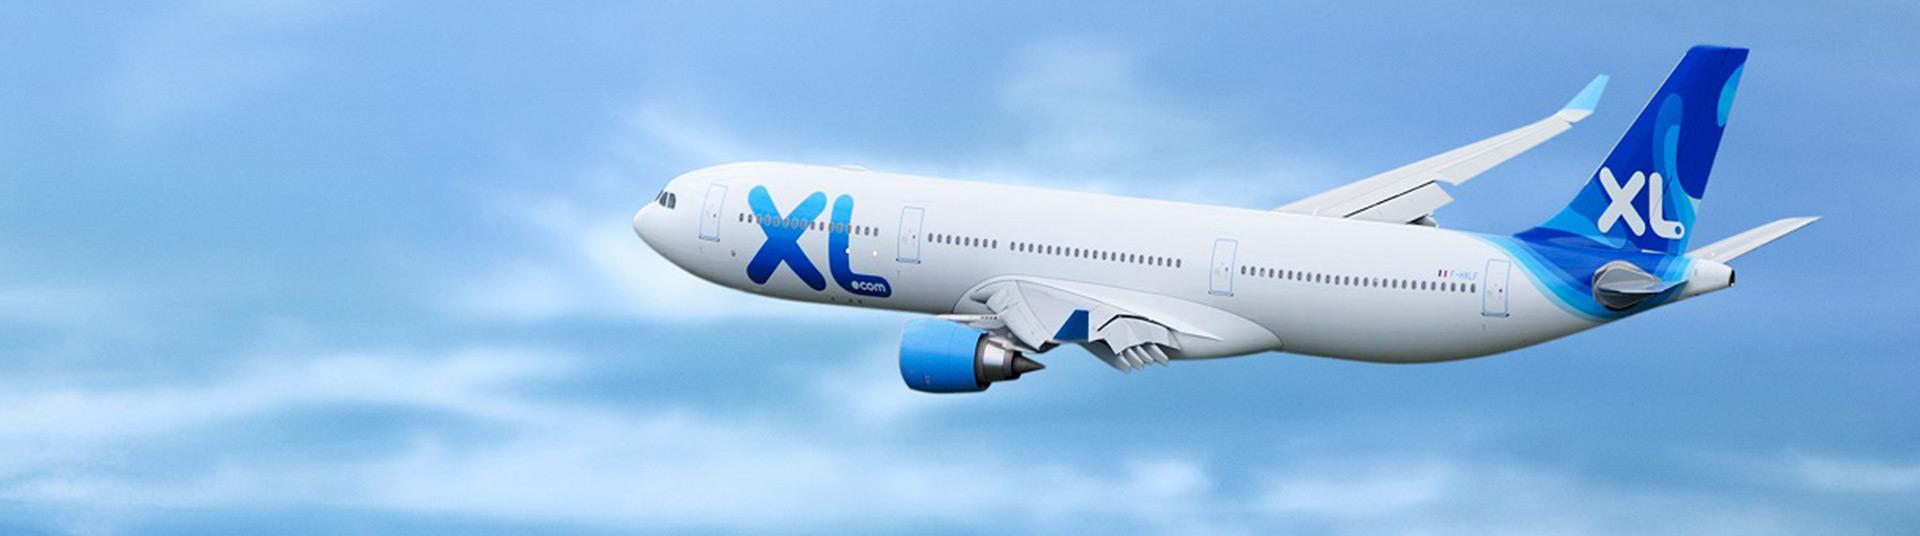 Bons Plans Bordeaux : XL Airways ouvre une ligne directe vers la Guadeloupe